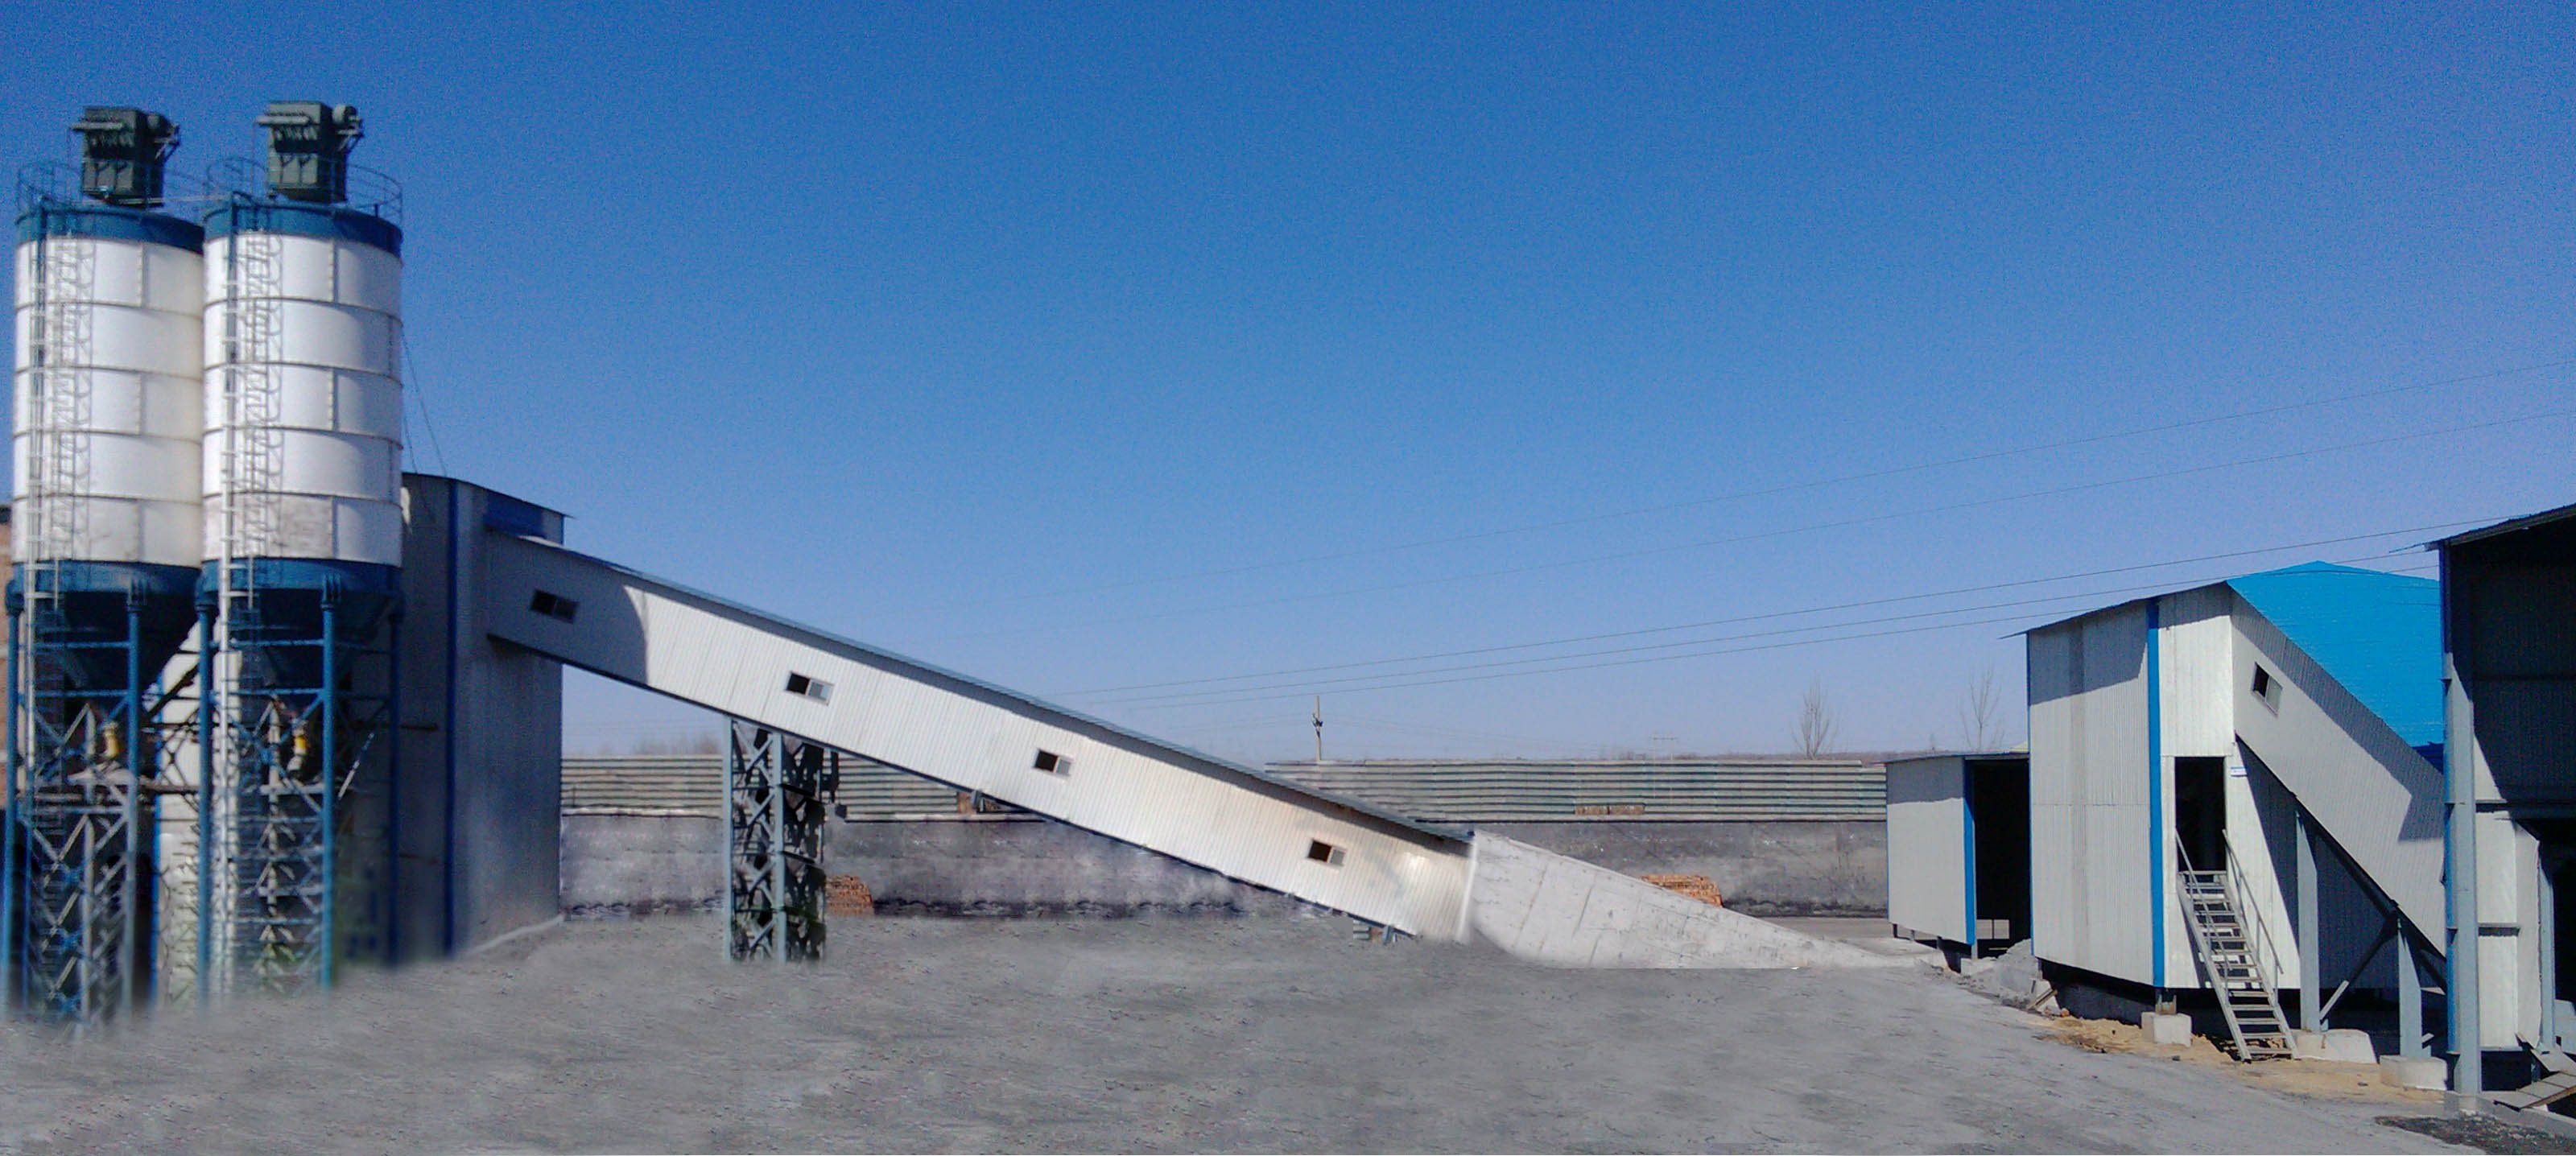 山西金星煤矿粉煤灰渣膏体输送水力充填采煤技术